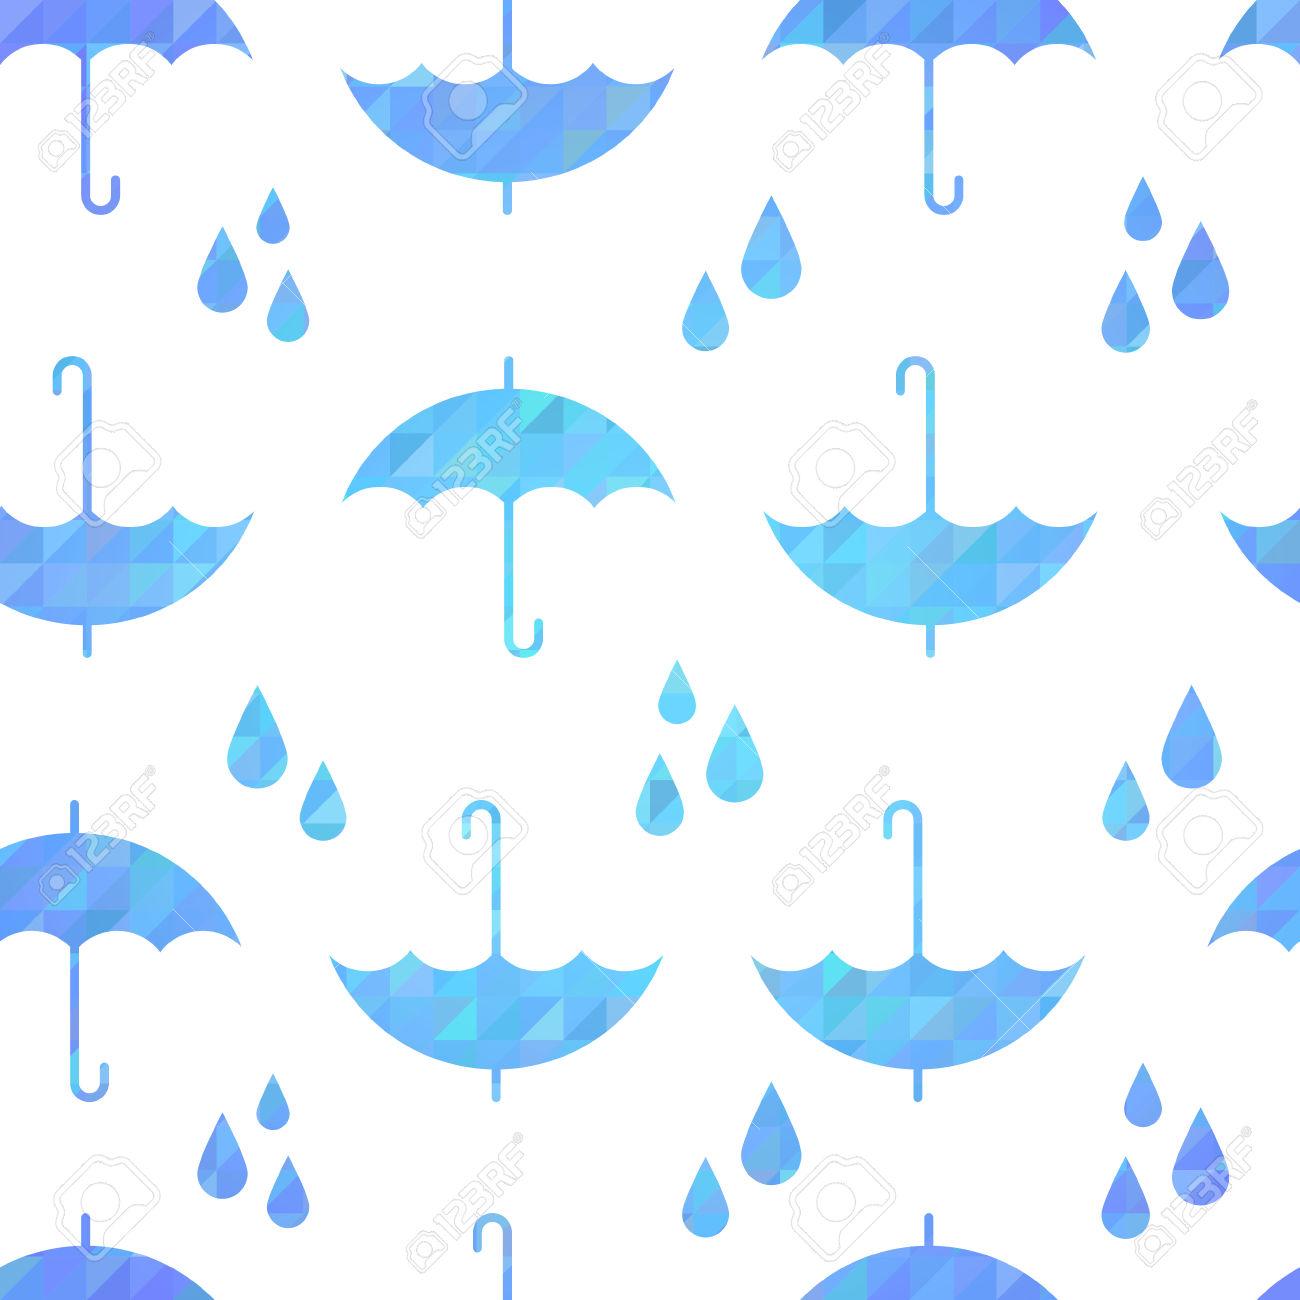 Raindrops clipart cute Autumn Clipart Cute With raindrop